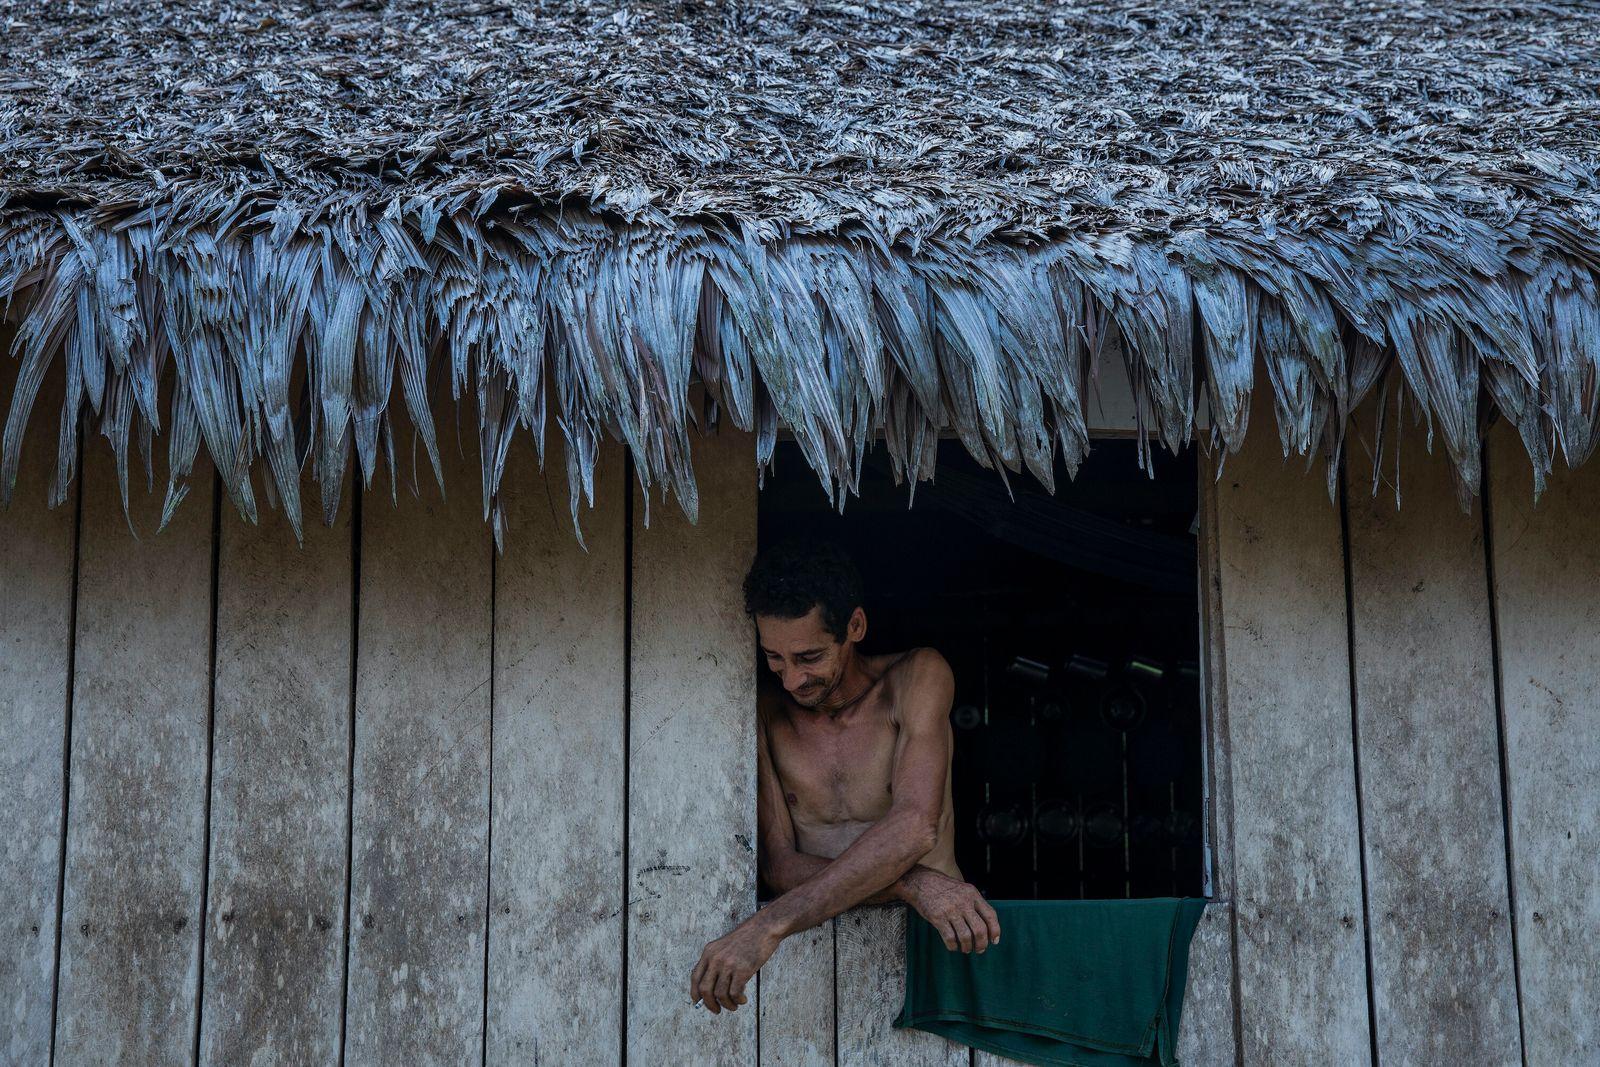 ribeirinho retratado na janela da casa de madeira